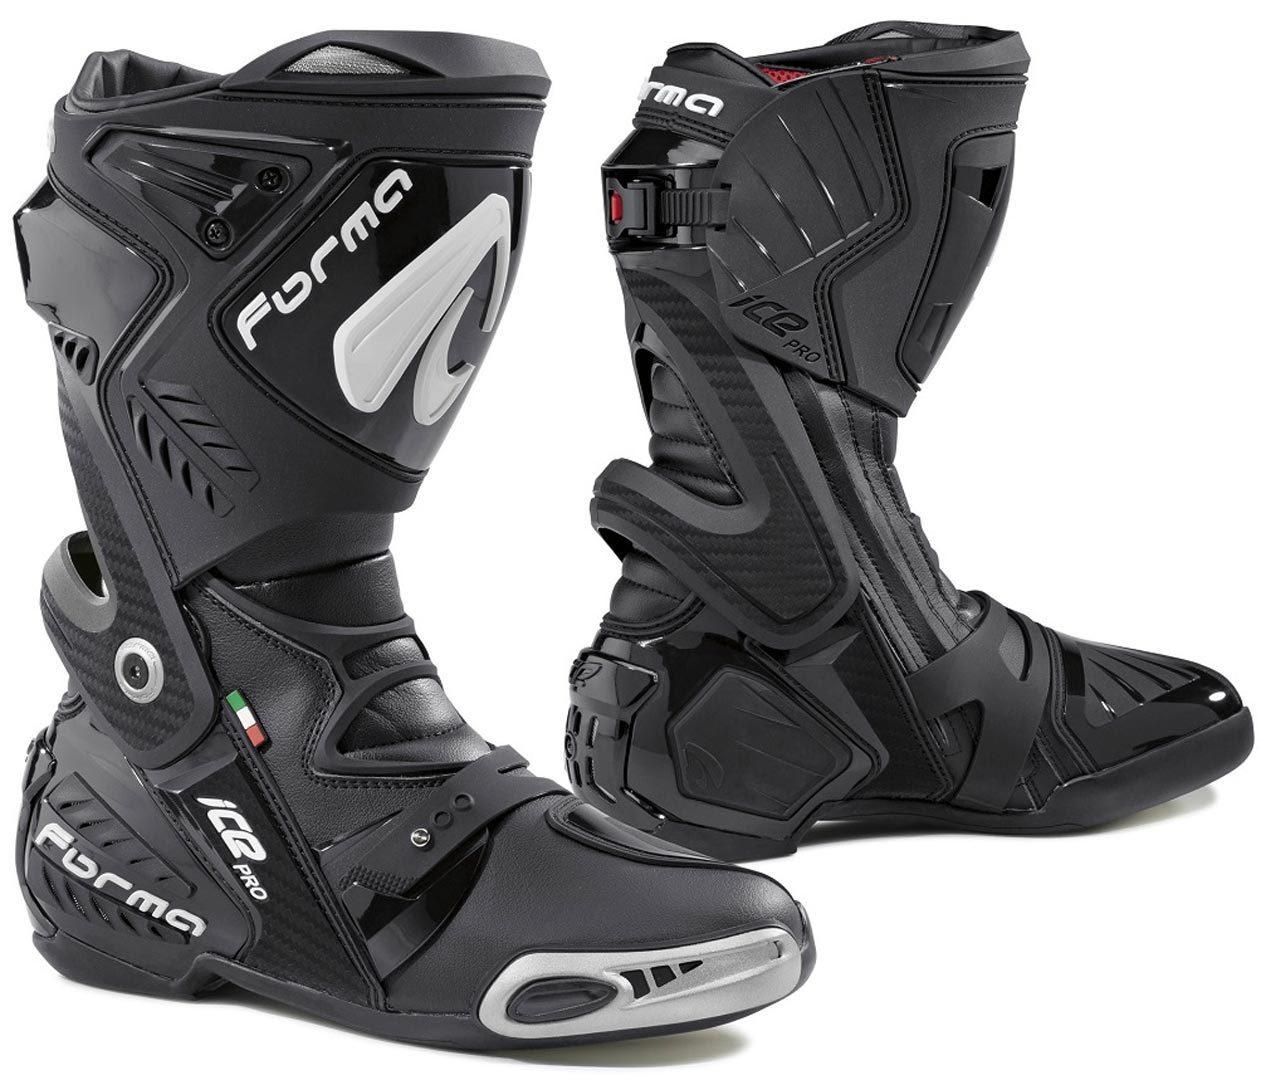 Forma Ice Pro Motorradstiefel, schwarz, Größe 38, schwarz, Größe 38